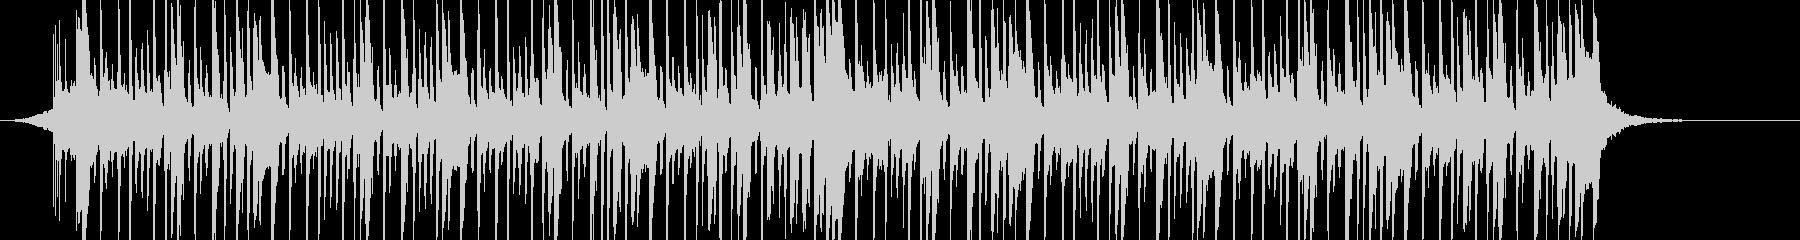 南国な感じのダンスポップの未再生の波形